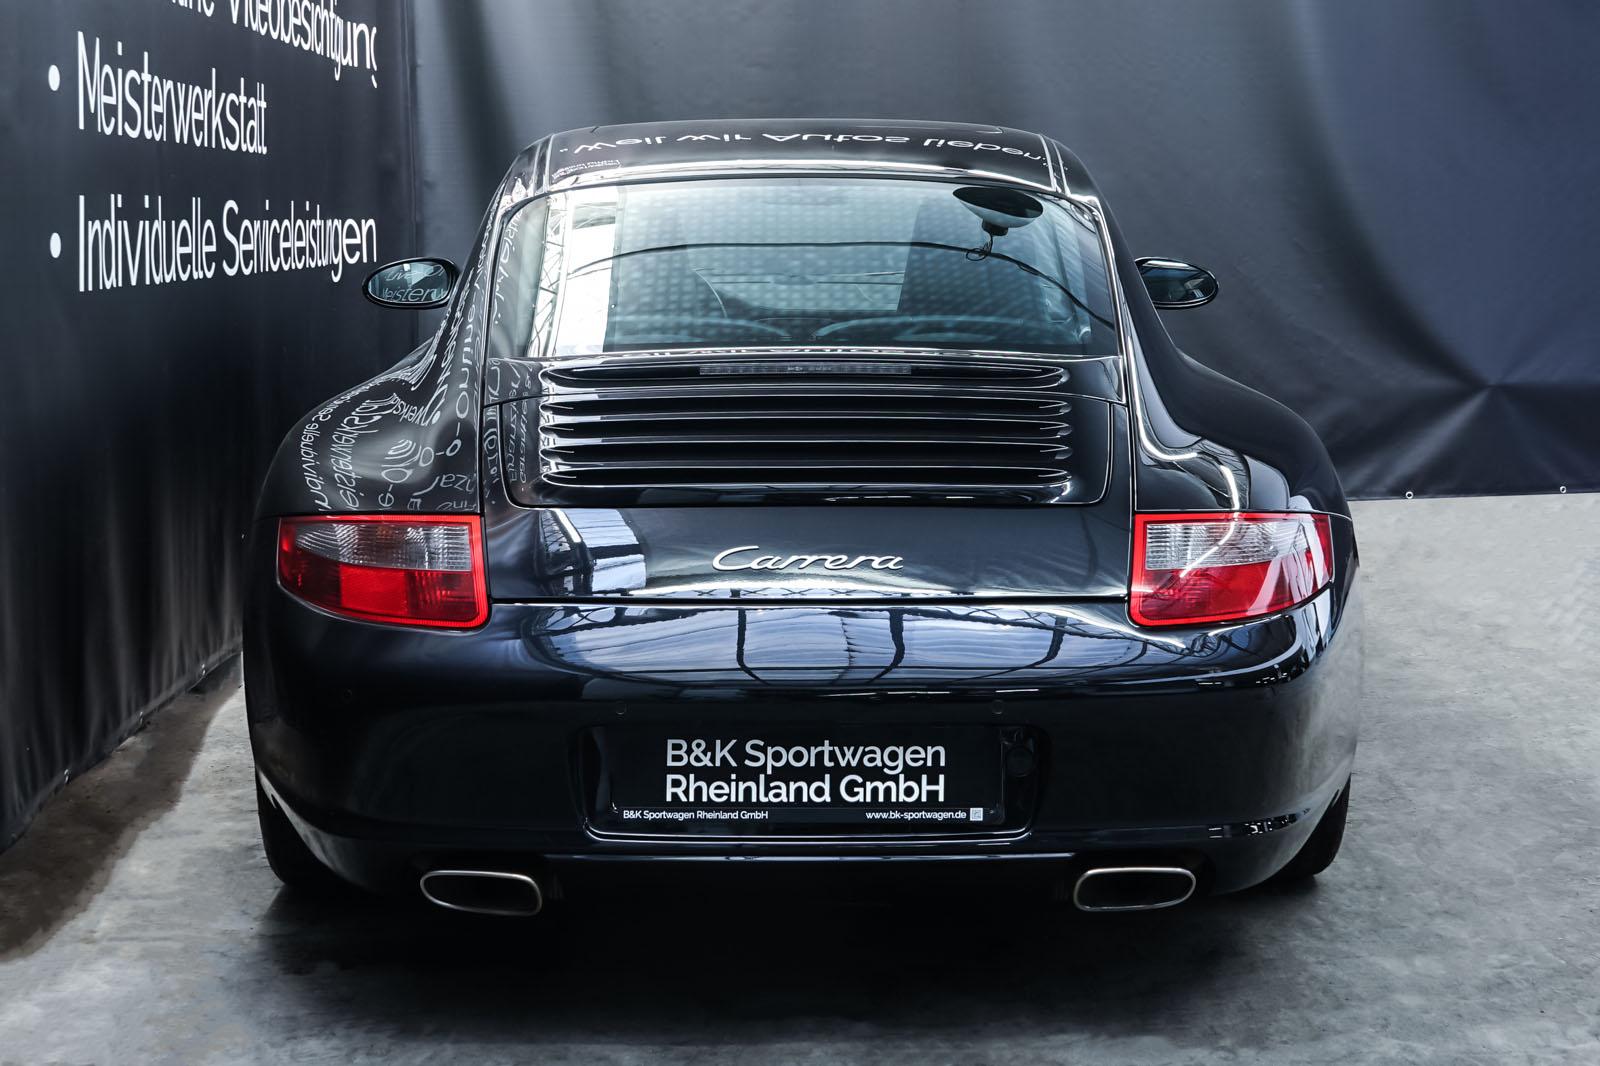 Porsche_997_C2_Schwarz_Schwarz_POR-3384_13_w